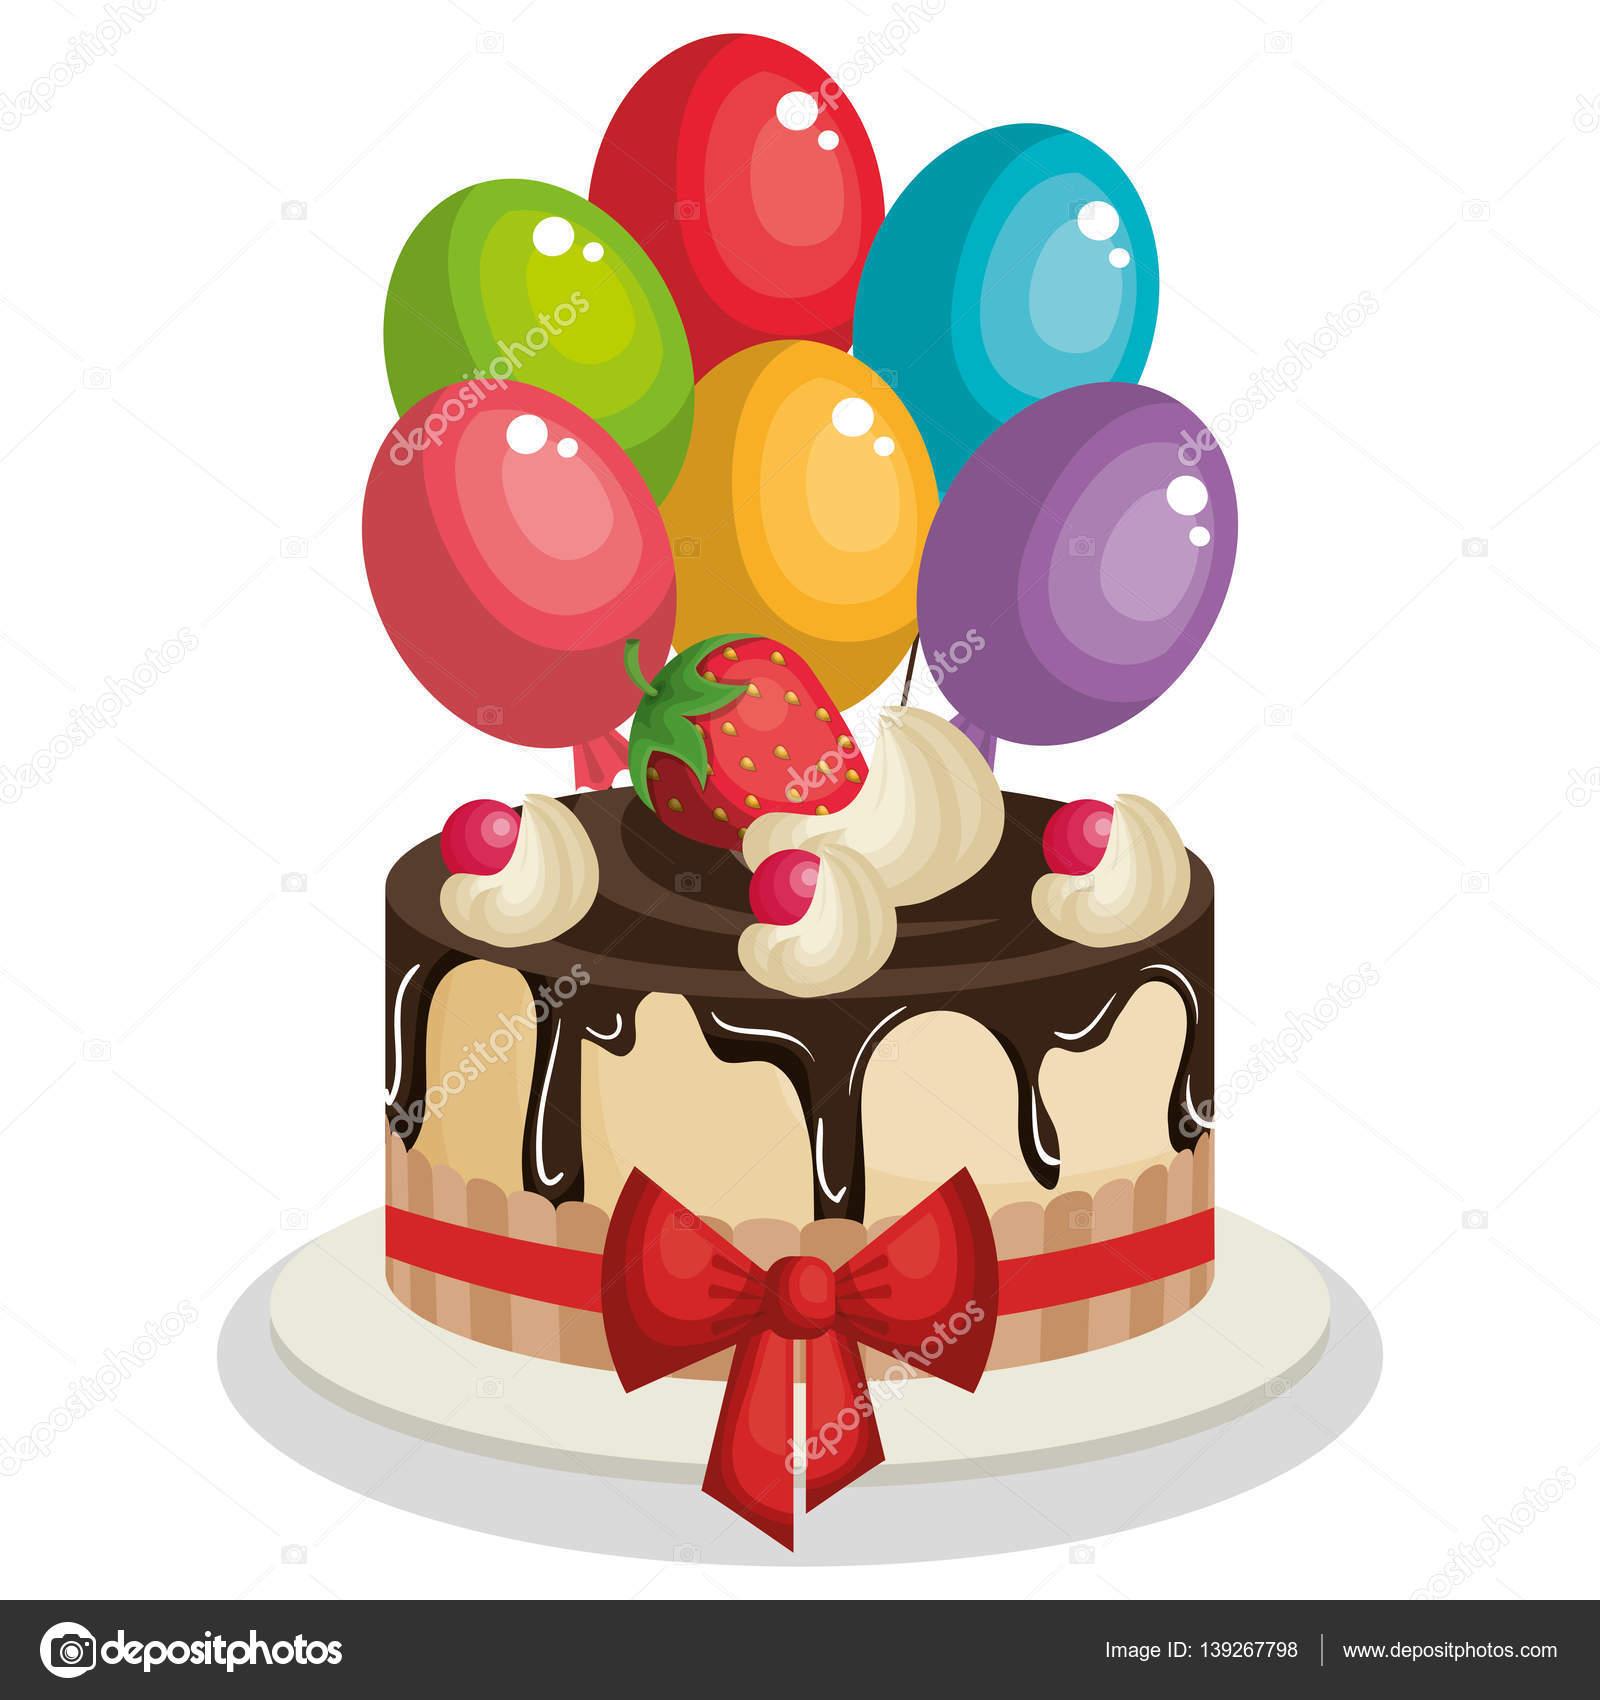 Красивые открытки c днем рождения для женщин!. Картинка с цветами и подарком для женщины. Тортик, тюльпаны и красивое пожелание.